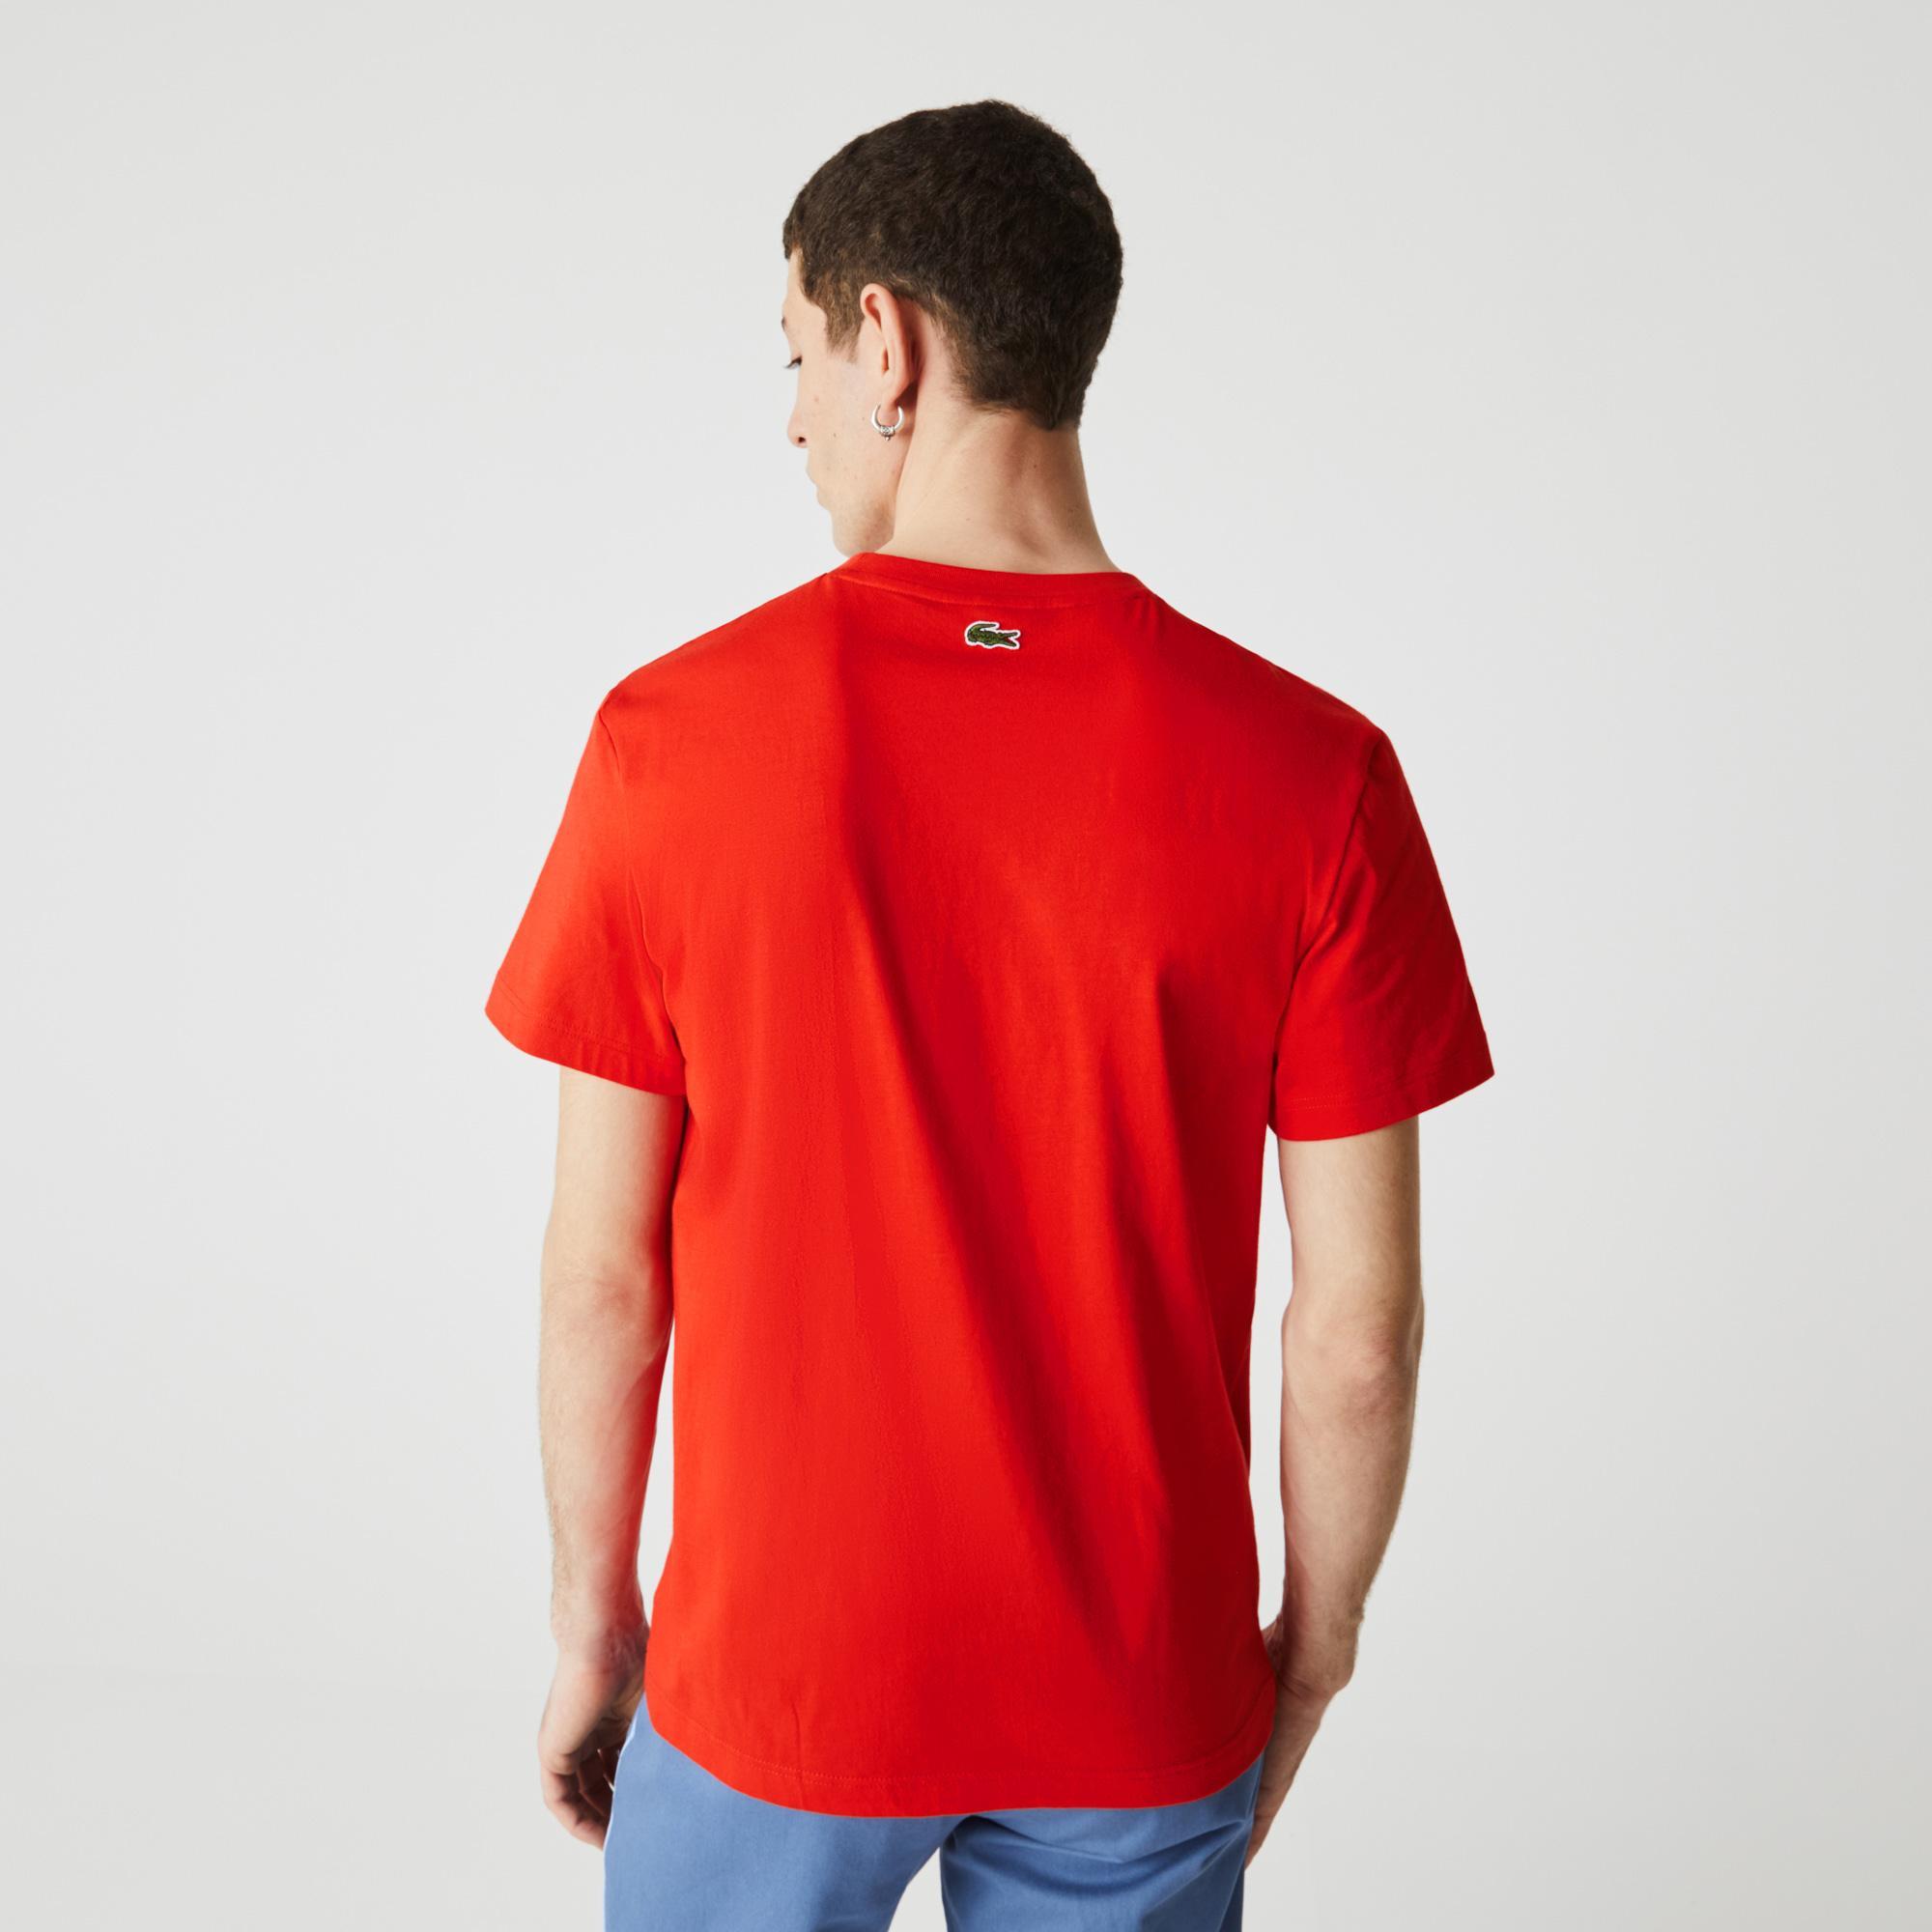 Lacoste Erkek Regular Fit Bisiklet Yaka Timsah Baskılı Kırmızı T-Shirt